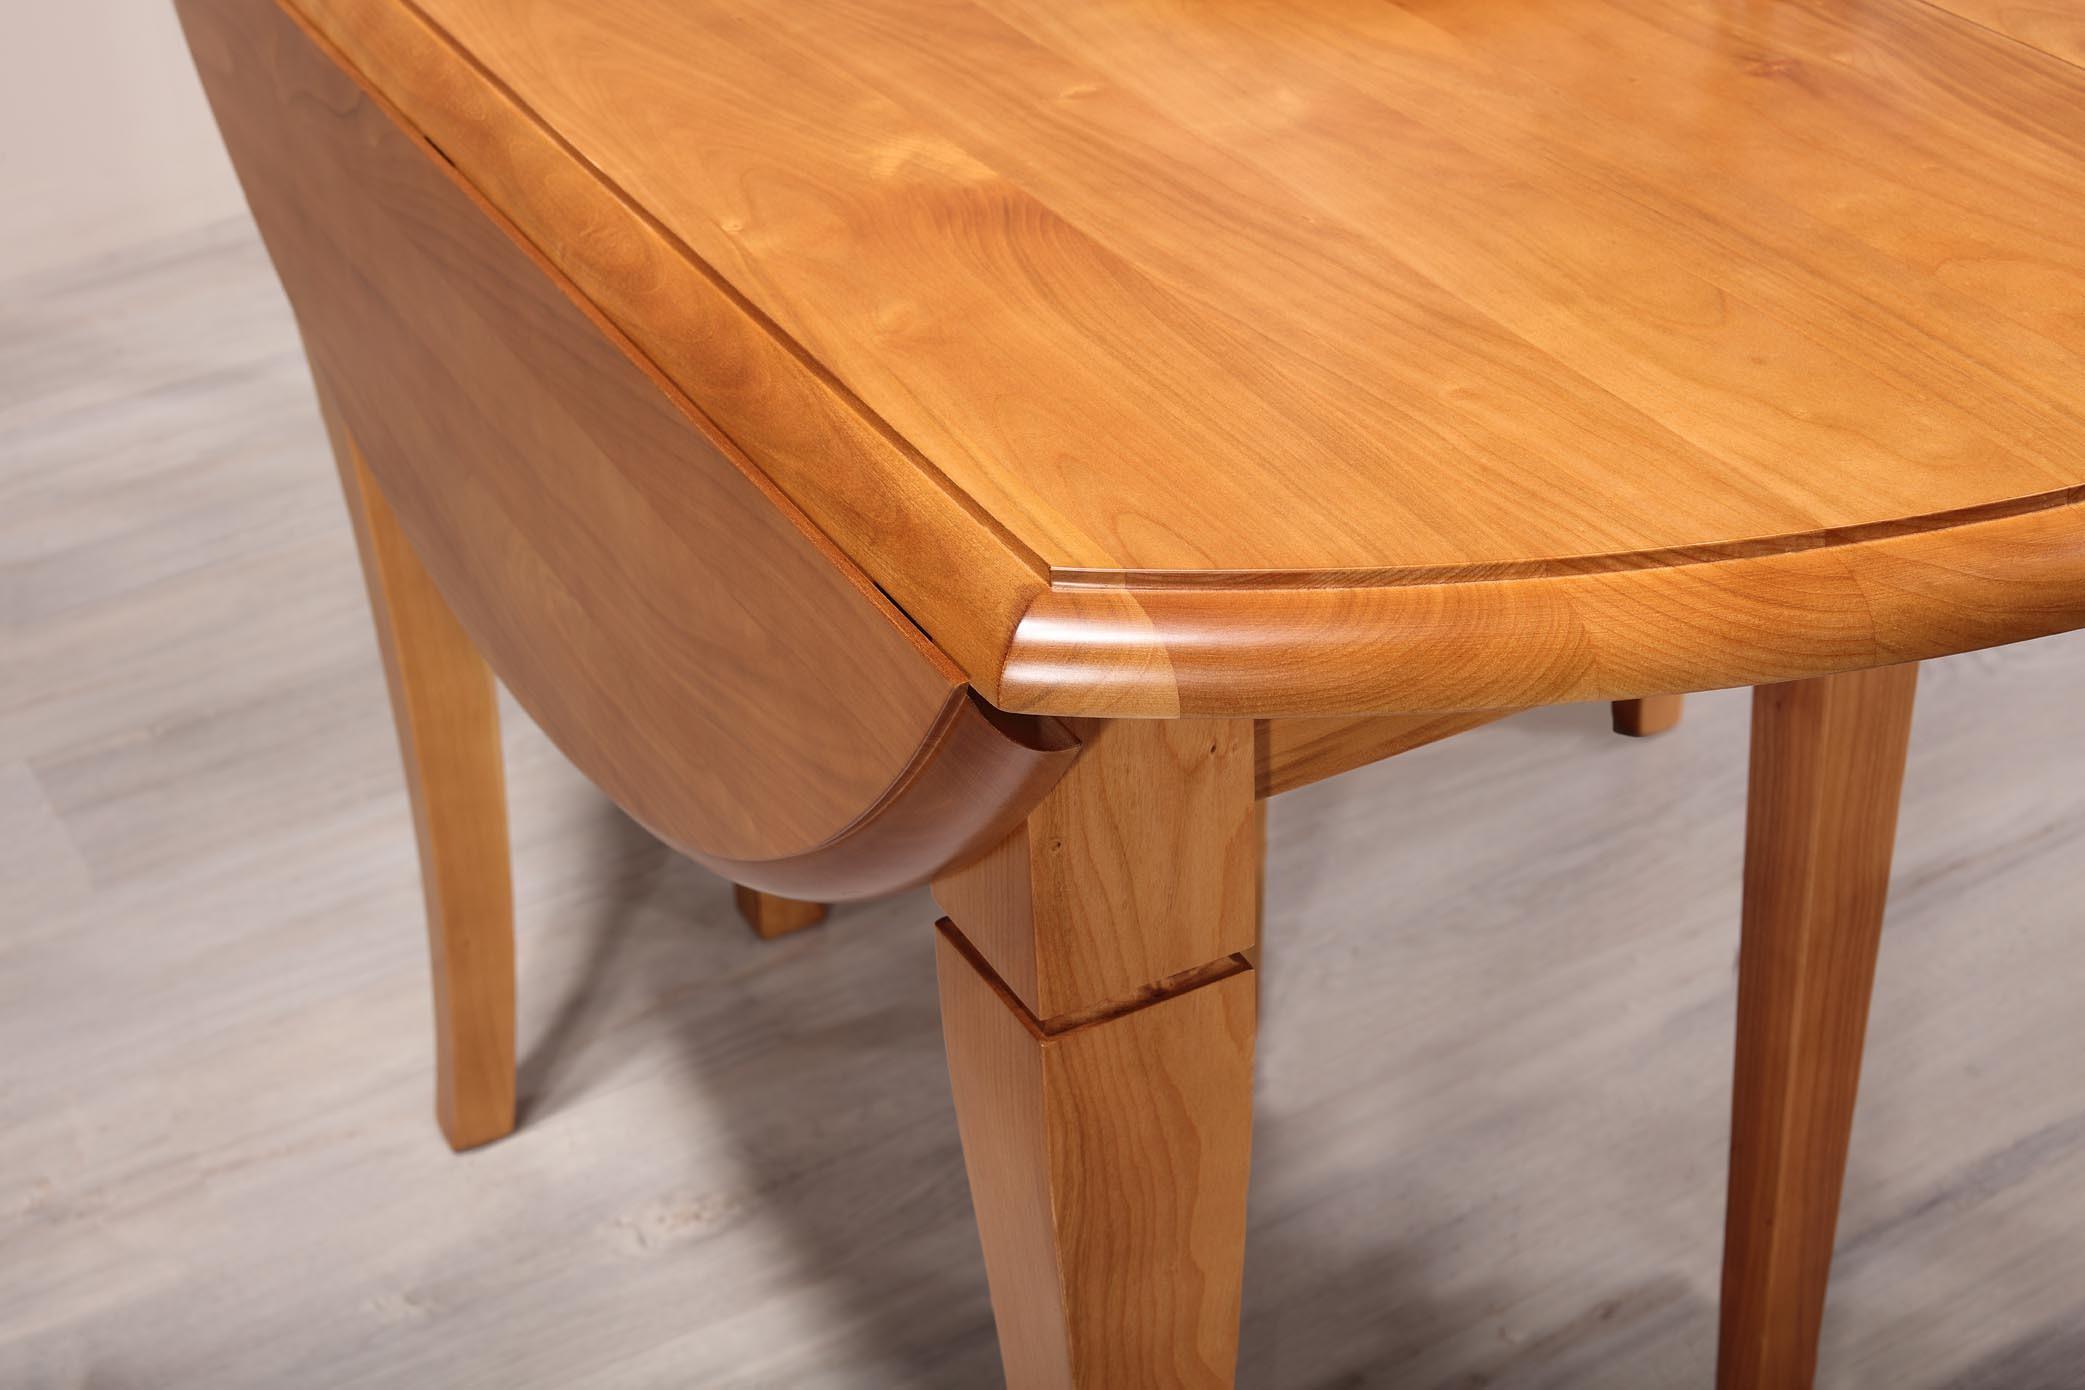 table ovale 110x135 volets en merisier massif de style louis philippe 4 allonges de 40 cm. Black Bedroom Furniture Sets. Home Design Ideas